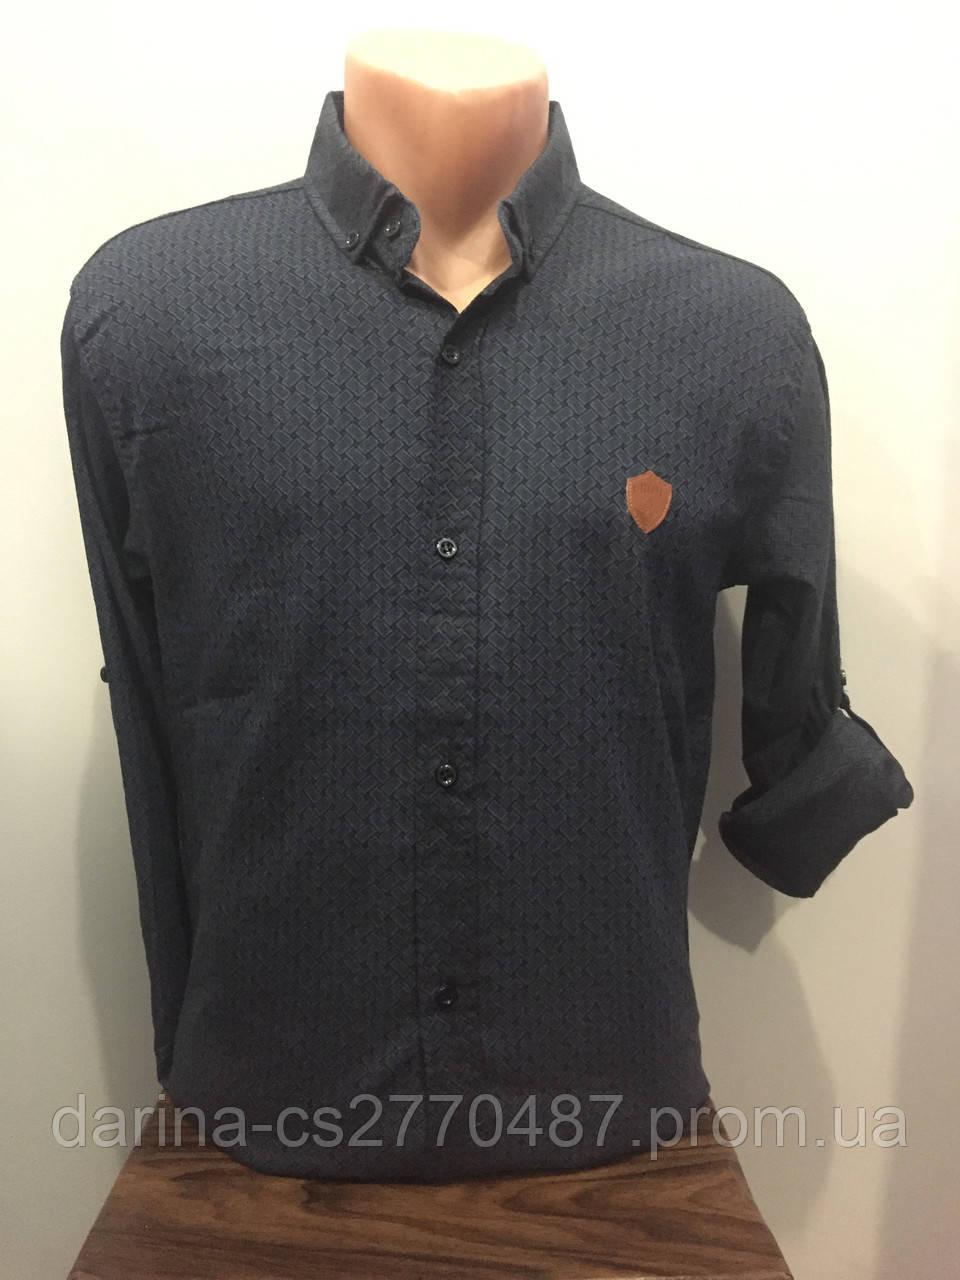 Мужская рубашка стрейч на пуговицах S-2XL